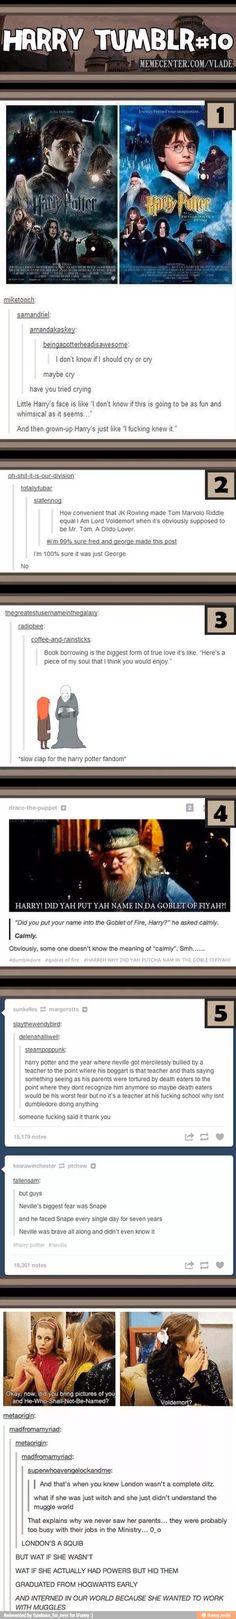 Harry Potter tumblr 10